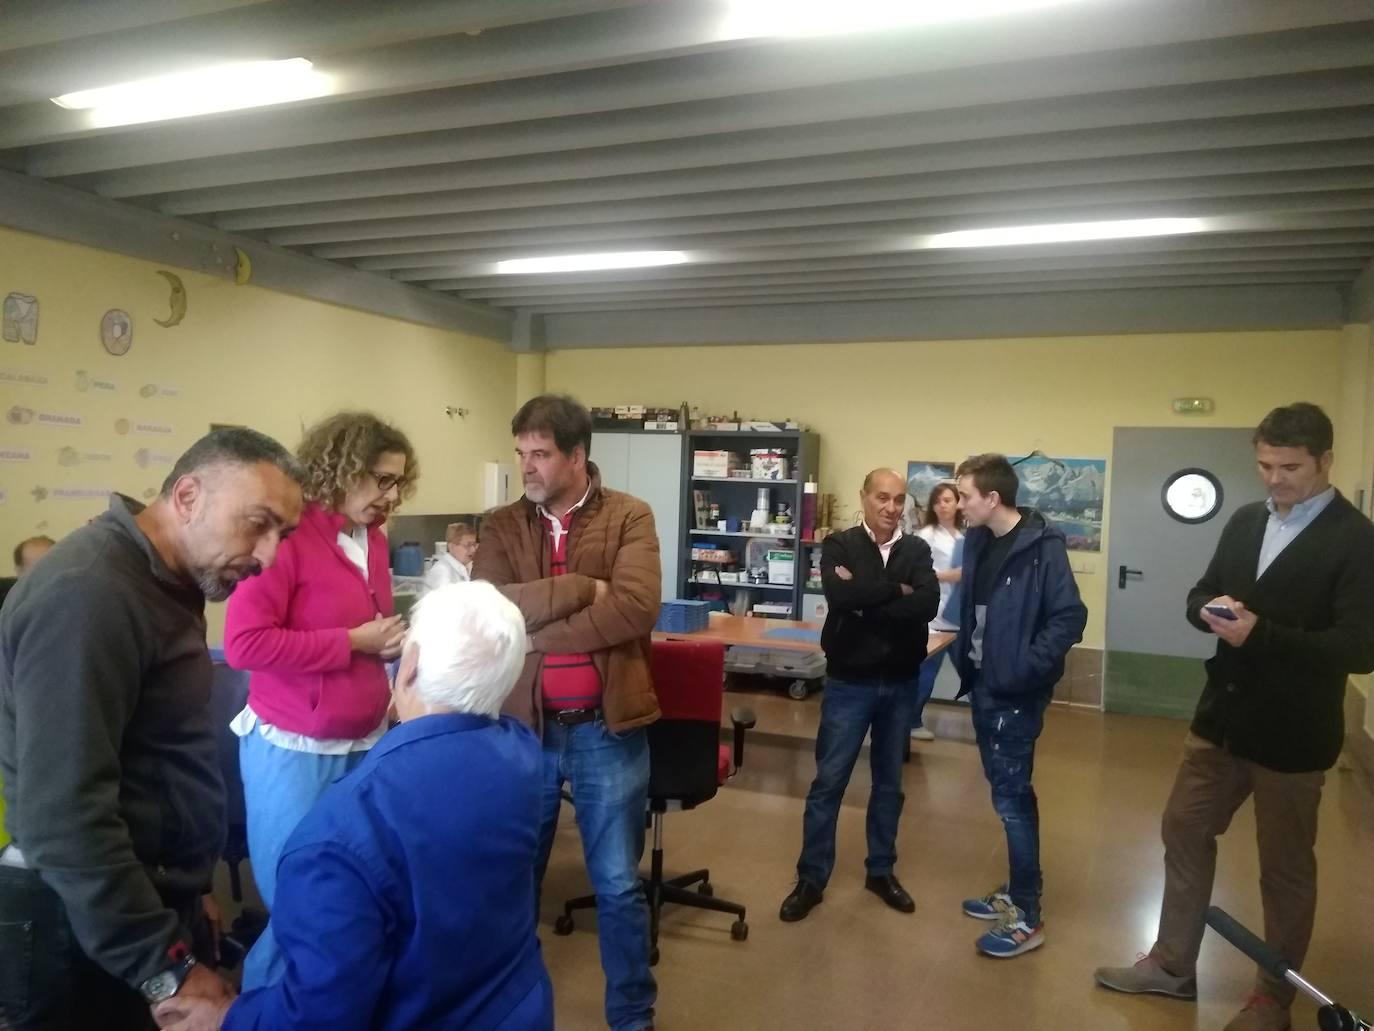 El Ayuntamiento de Garrafe de Torío visita Aspace